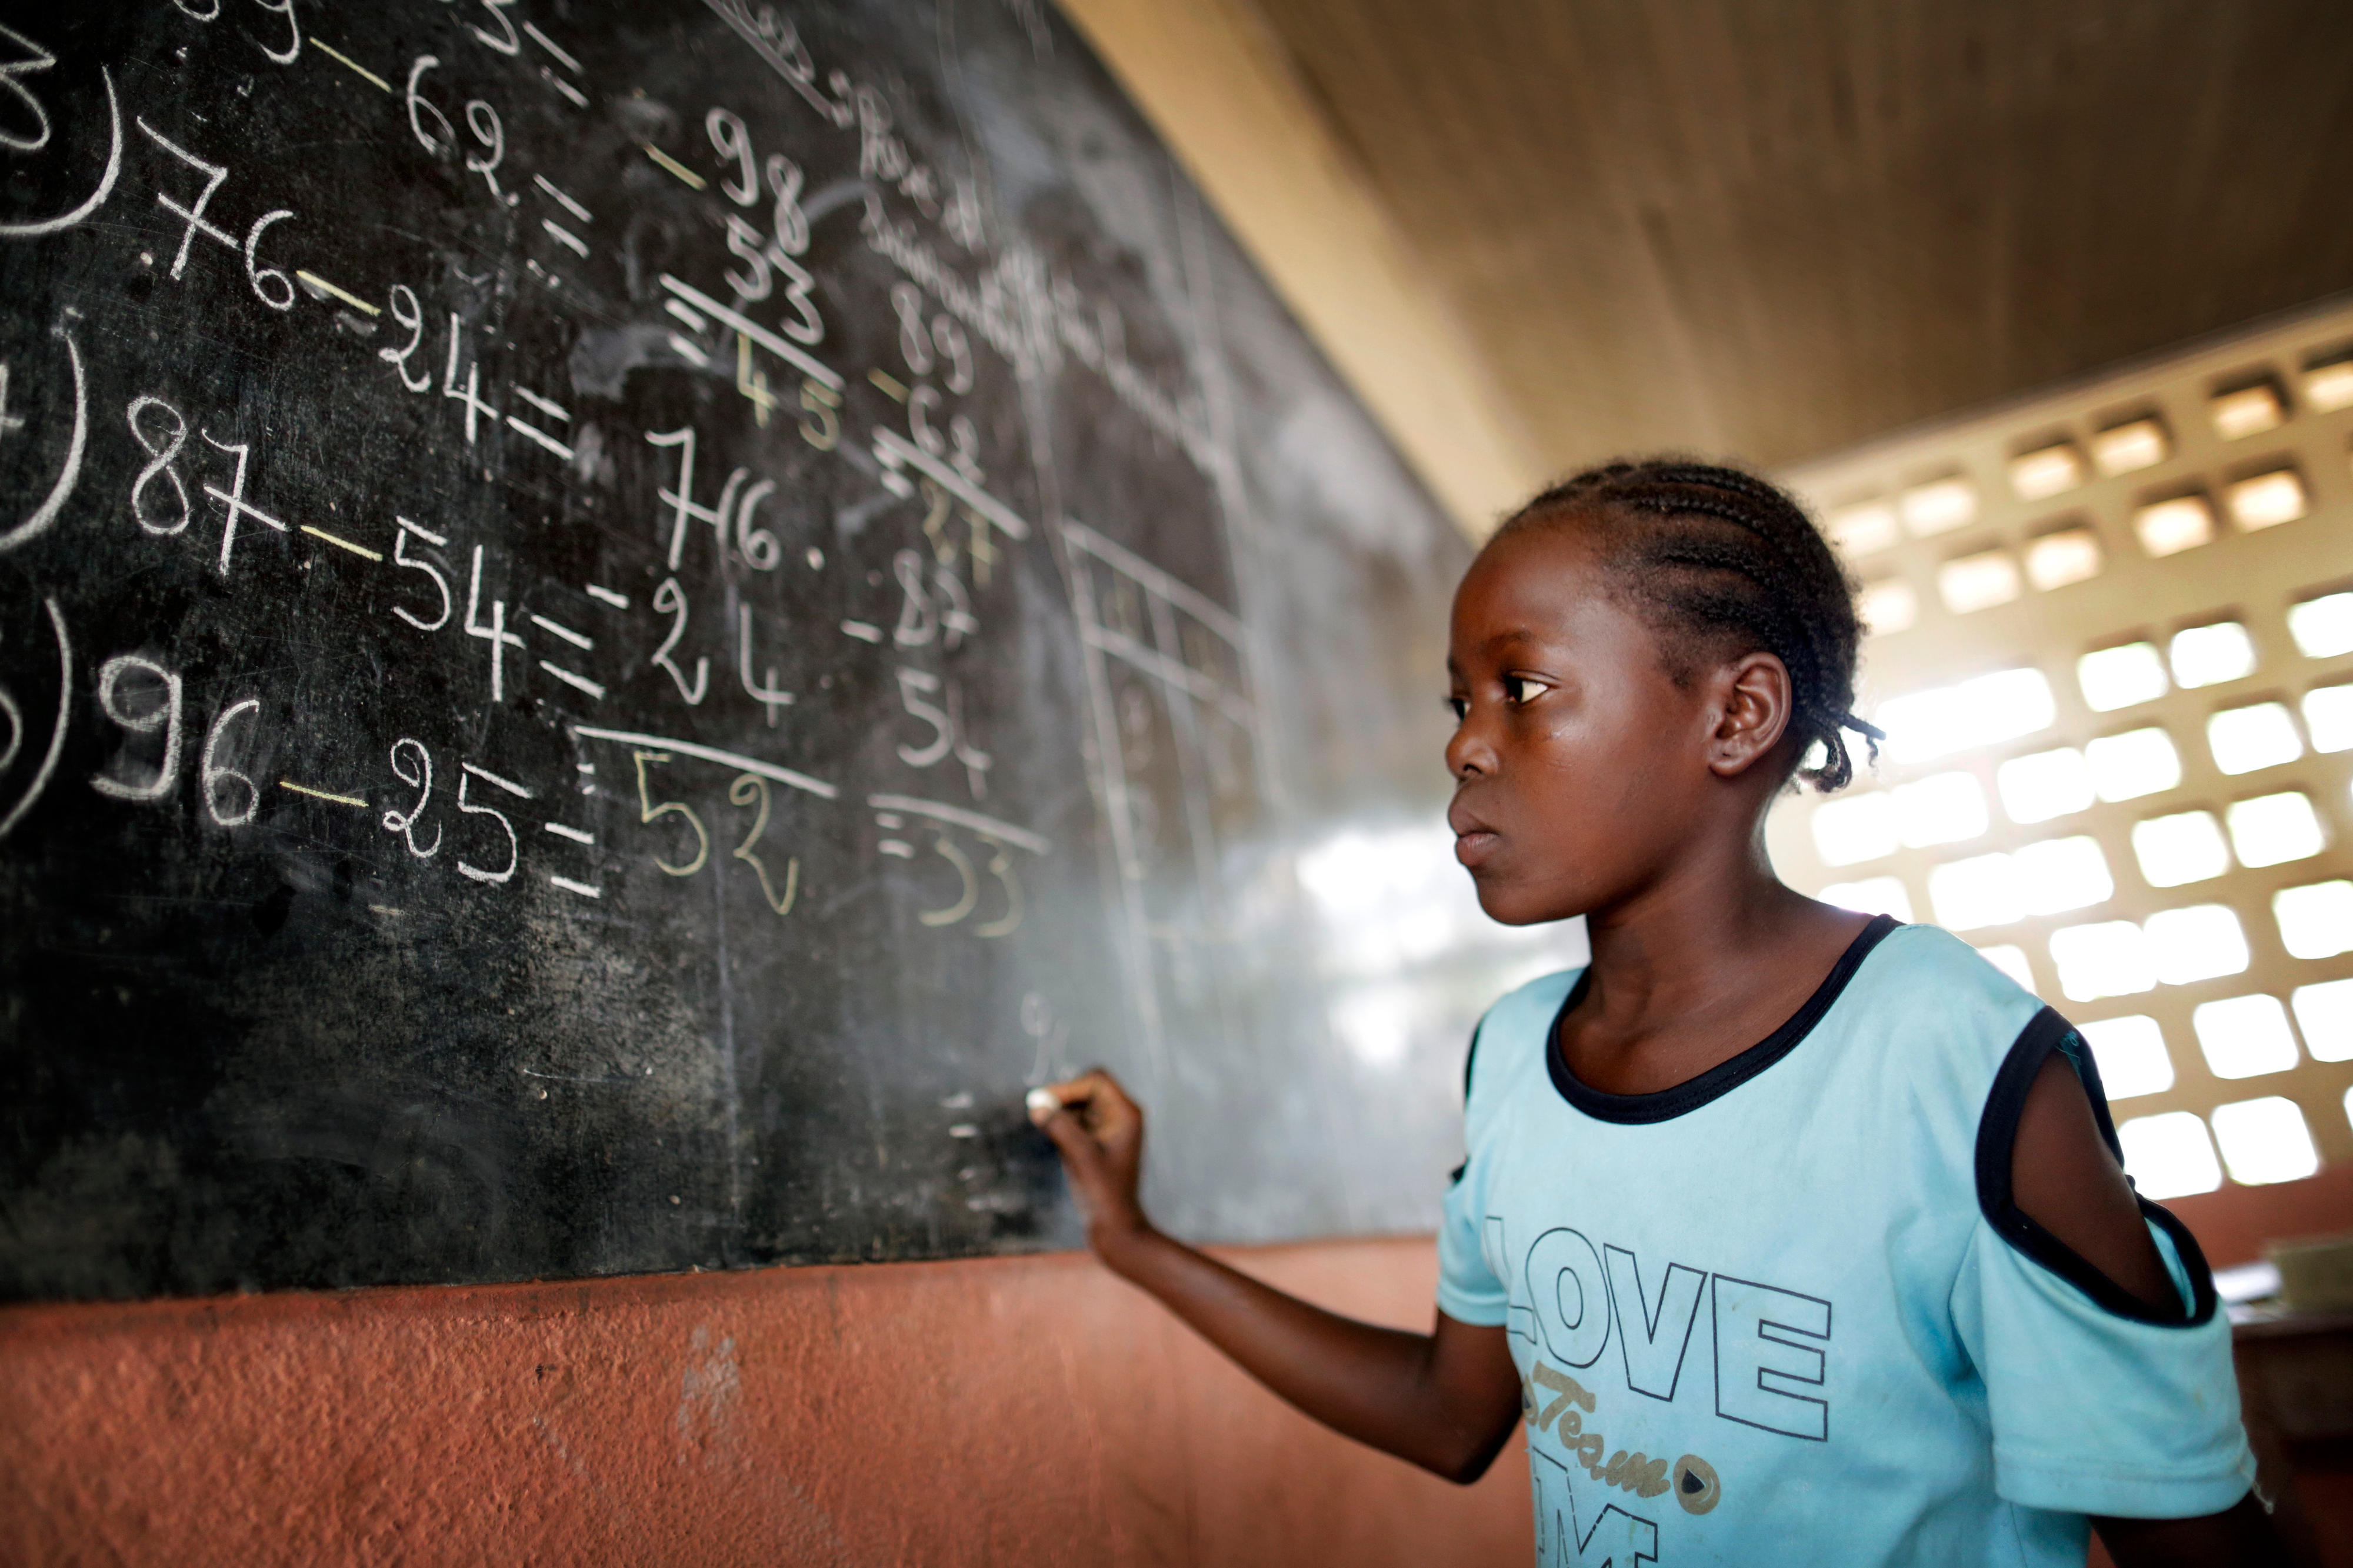 Schülerin in einem Flüchtlingslager in Bangui in der Zentralafrikanischen Republik